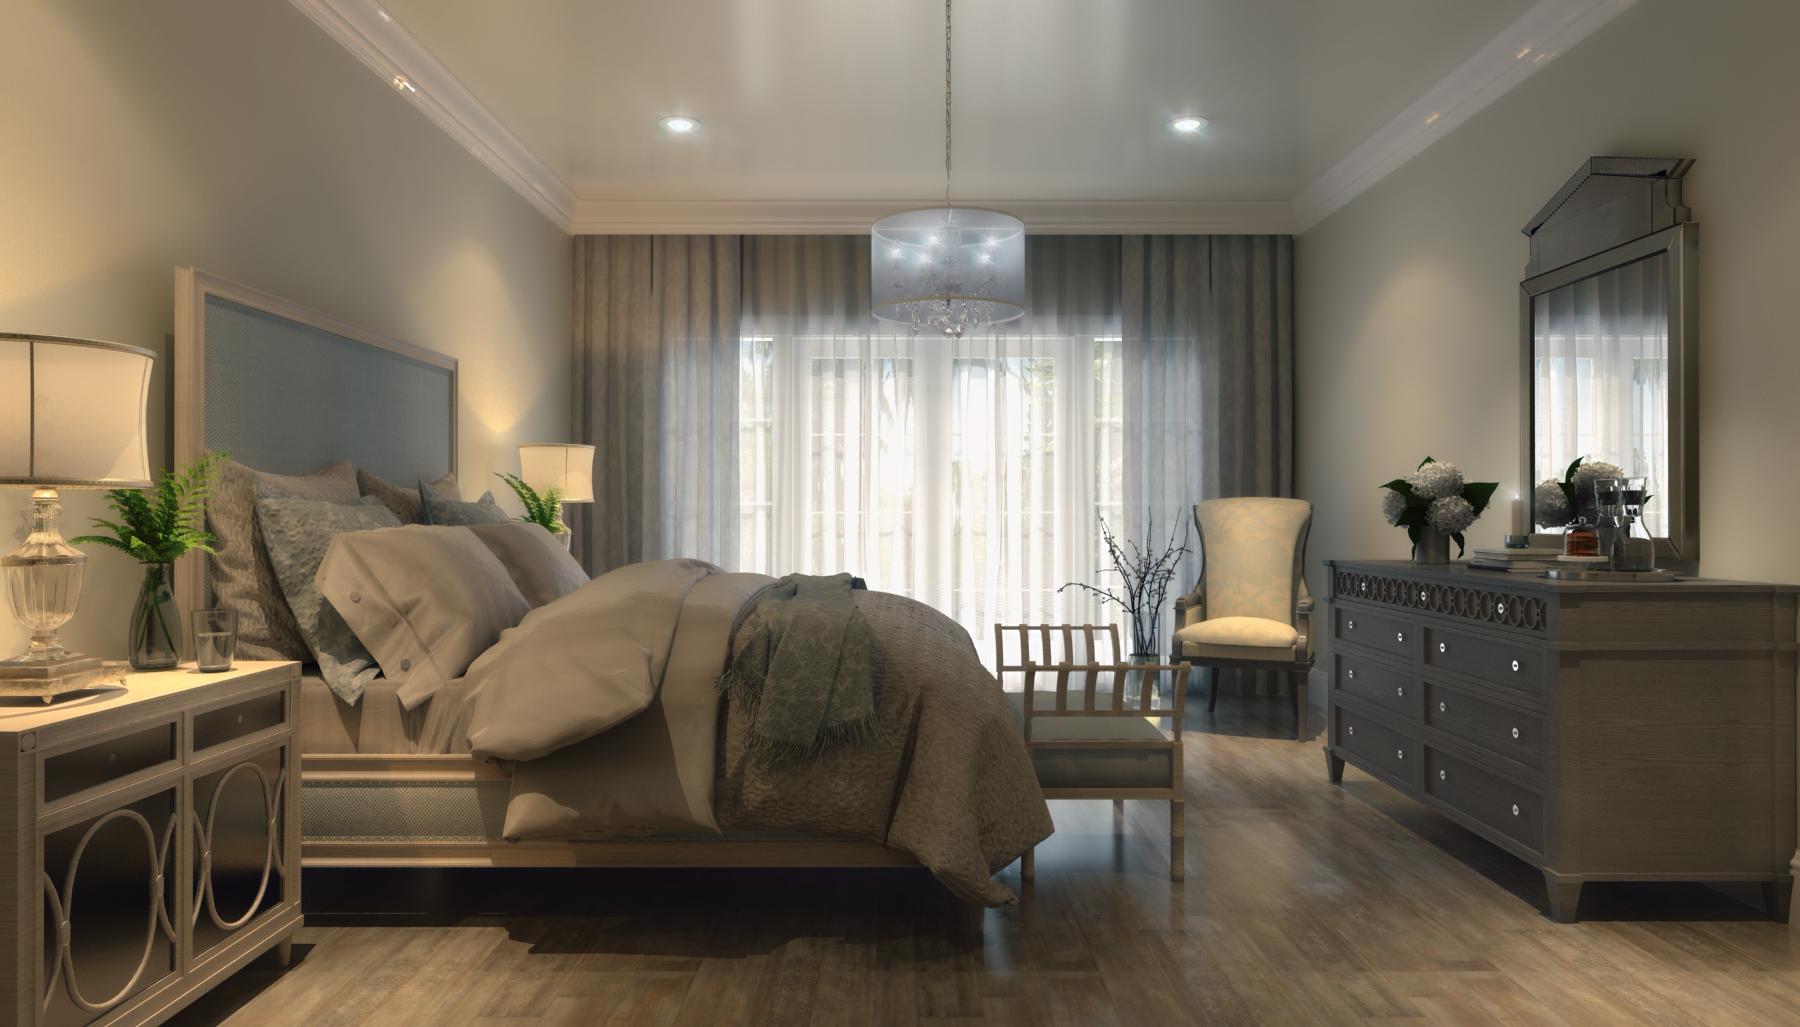 luxury interior space design